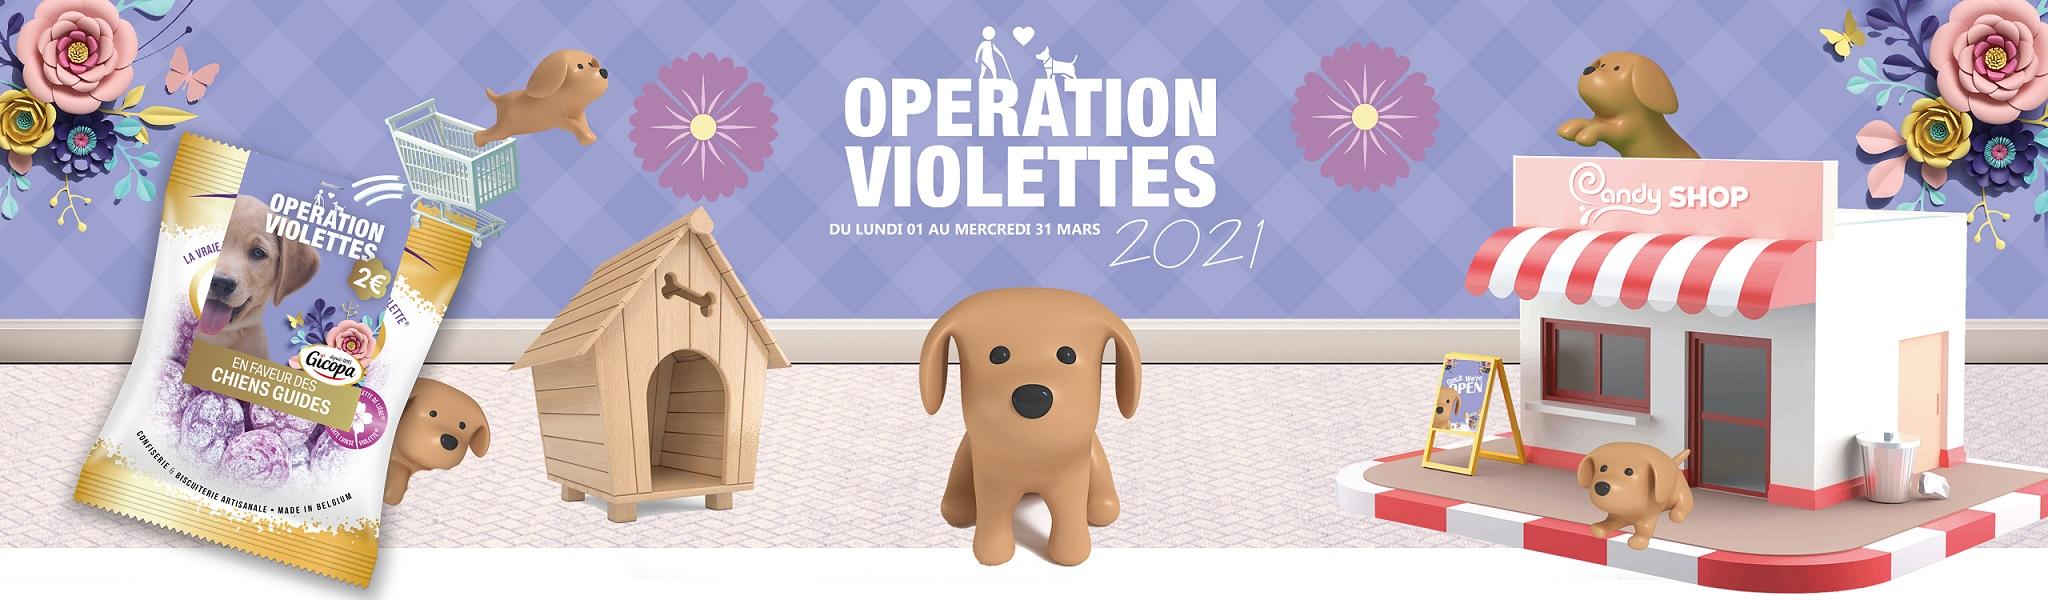 Banner Violettes 2021